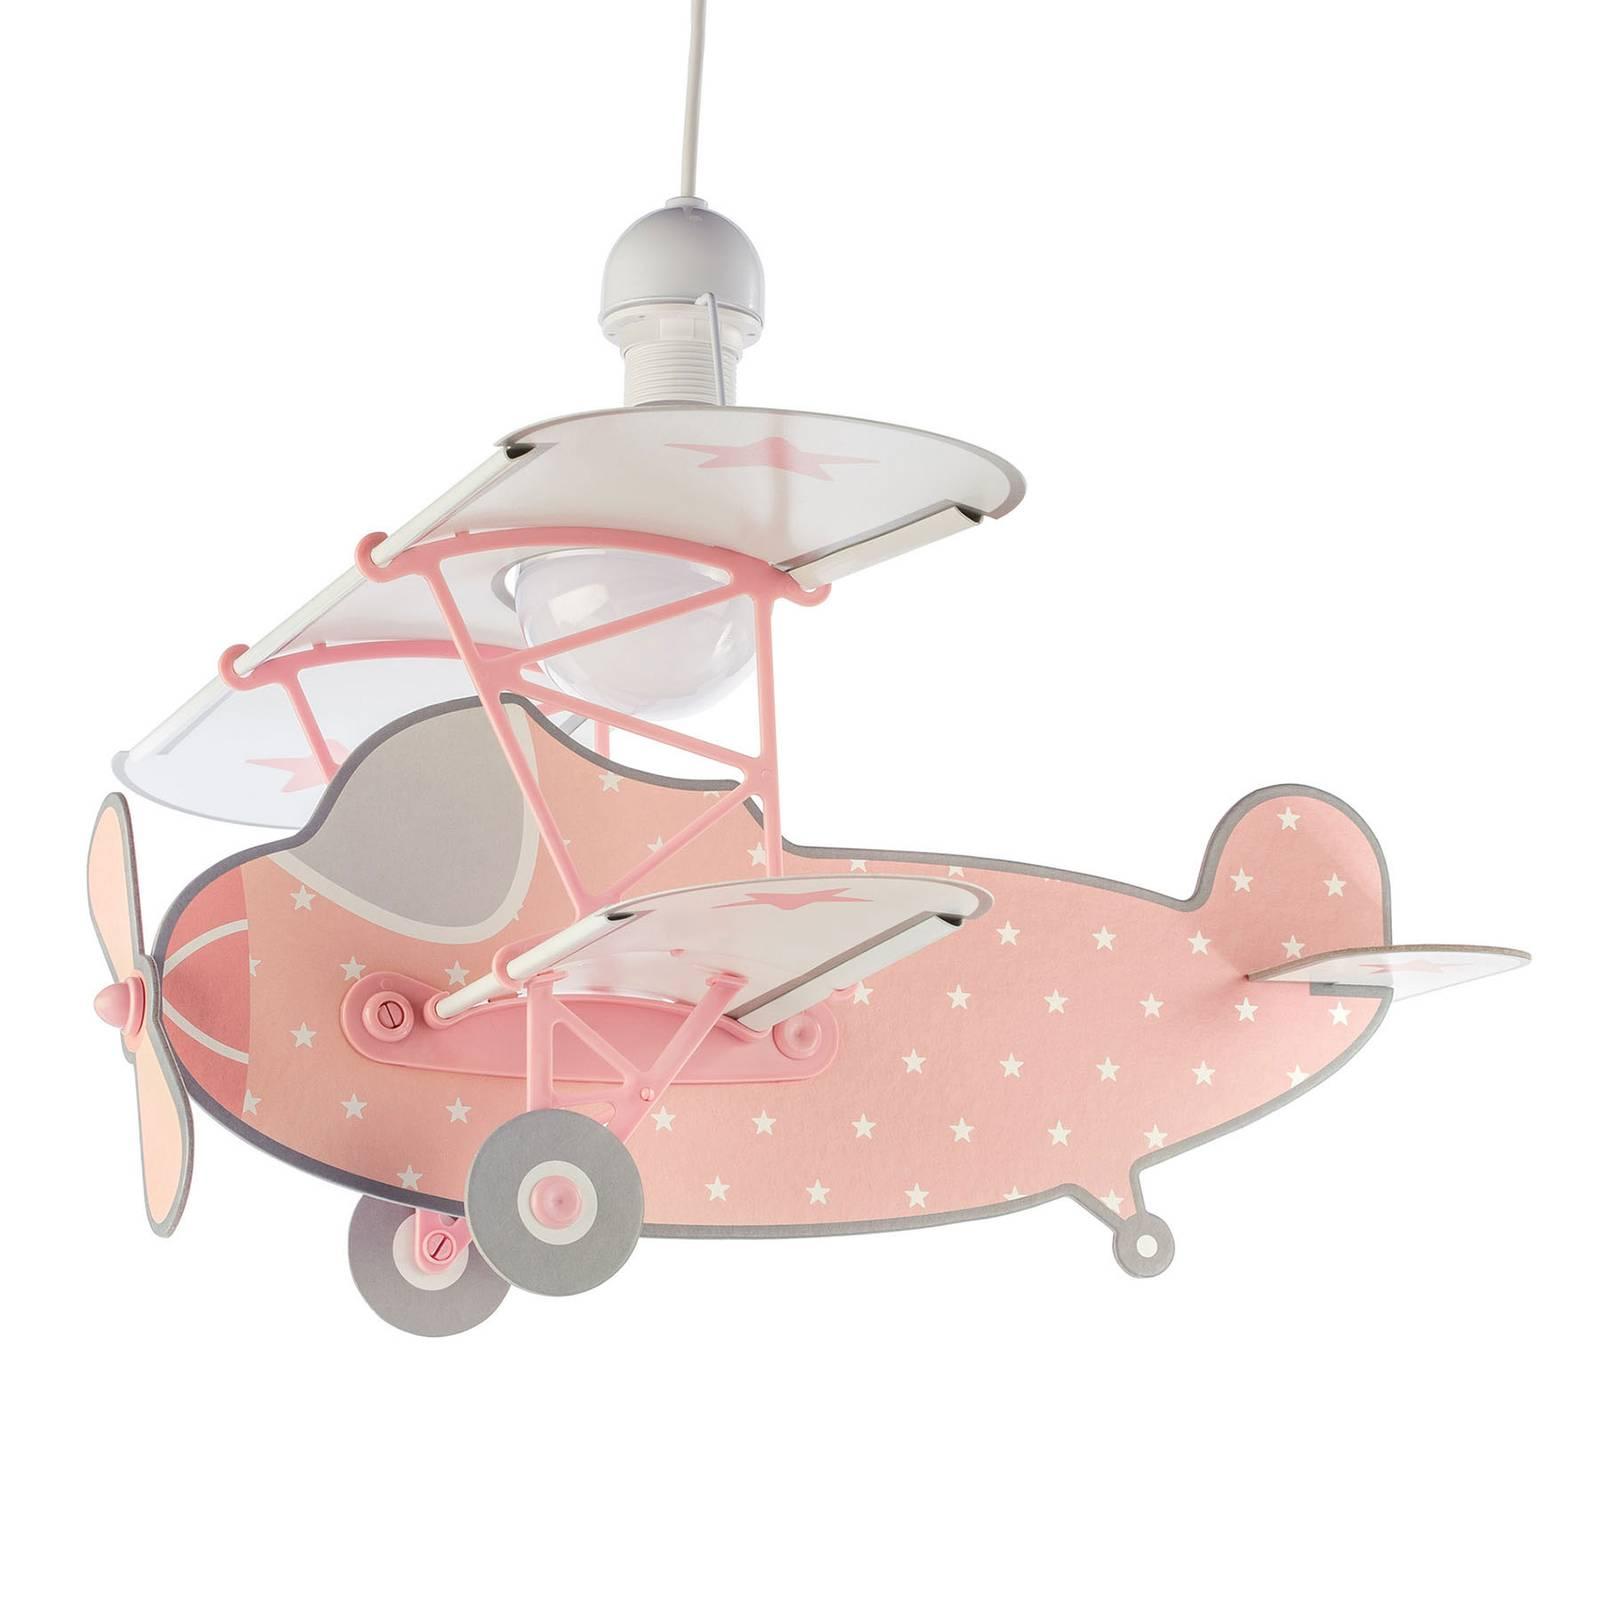 Lastenhuoneen riippuvalaisin Star Plane, roosa